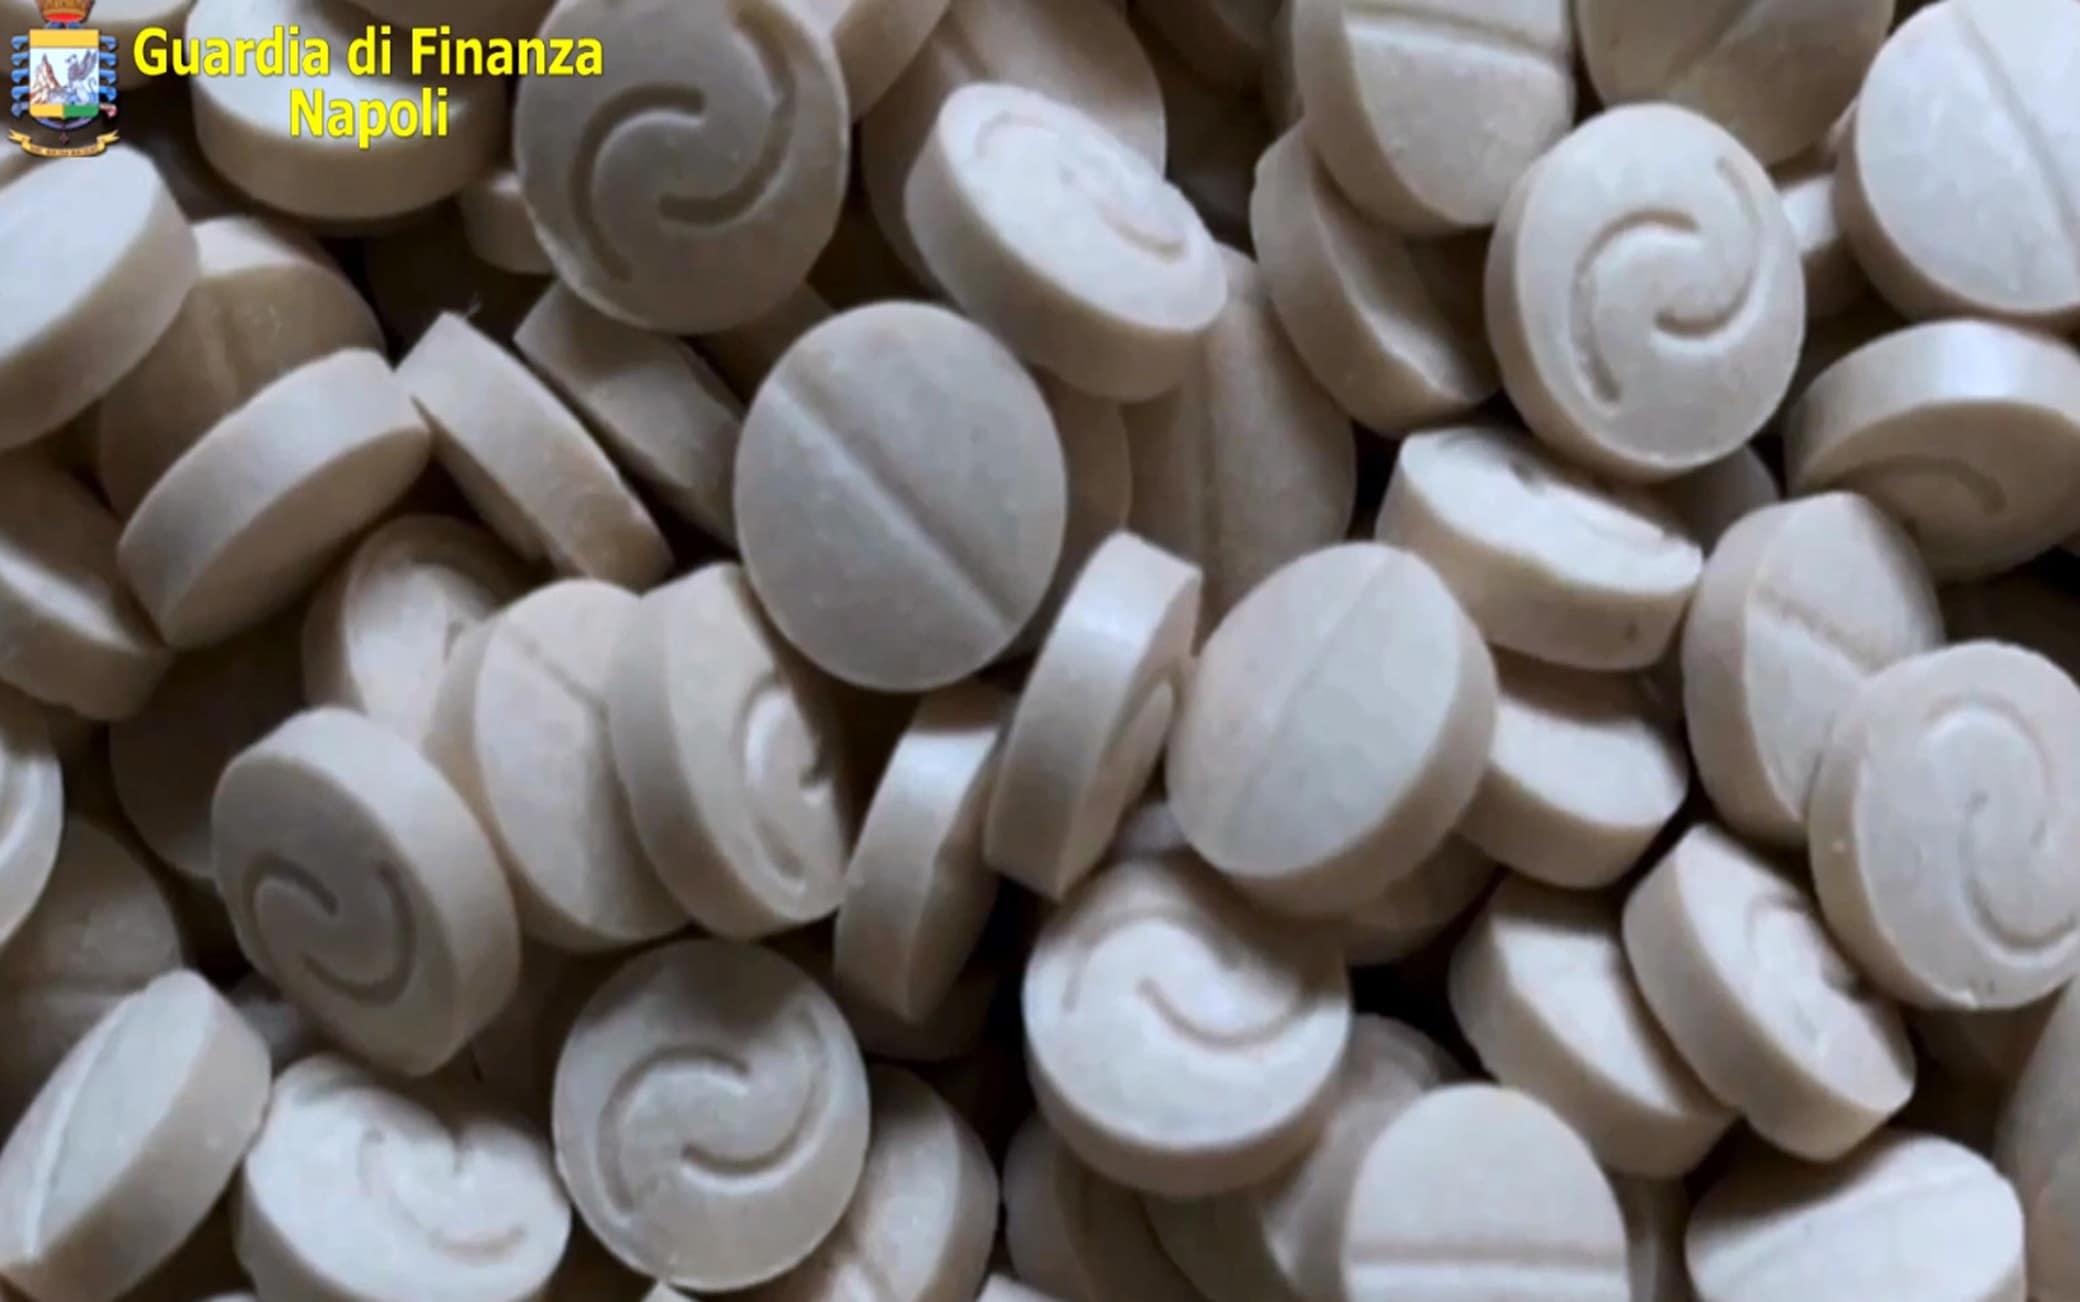 """Un fermo immagine tratto da un video della guardia di finanza di Napoli, 1 luglio 2020. La Guardia di Finanza di Napoli ha sequestrato nel Porto di Salerno un ingente quantitativo di droga, 14 tonnellate di amfetamine, 84 milioni di pasticche col logo """"captagon"""", prodotte in Siria dall'Isis per finanziare il terrorismo. Il valore della droga, trovata dalle """"fiamme gialle"""" in 3 container, è stato stimato in oltre 1 miliardo di euro. La droga era stata nascosta in cilindri di carta per uso industriale e macchinari costruiti in maniera tale da impedire agli scanner di individuare il contenuto.ANSA/GUARDIA DI FINANZA NAPOLI EDITORIAL USE ONLY NO SALES"""